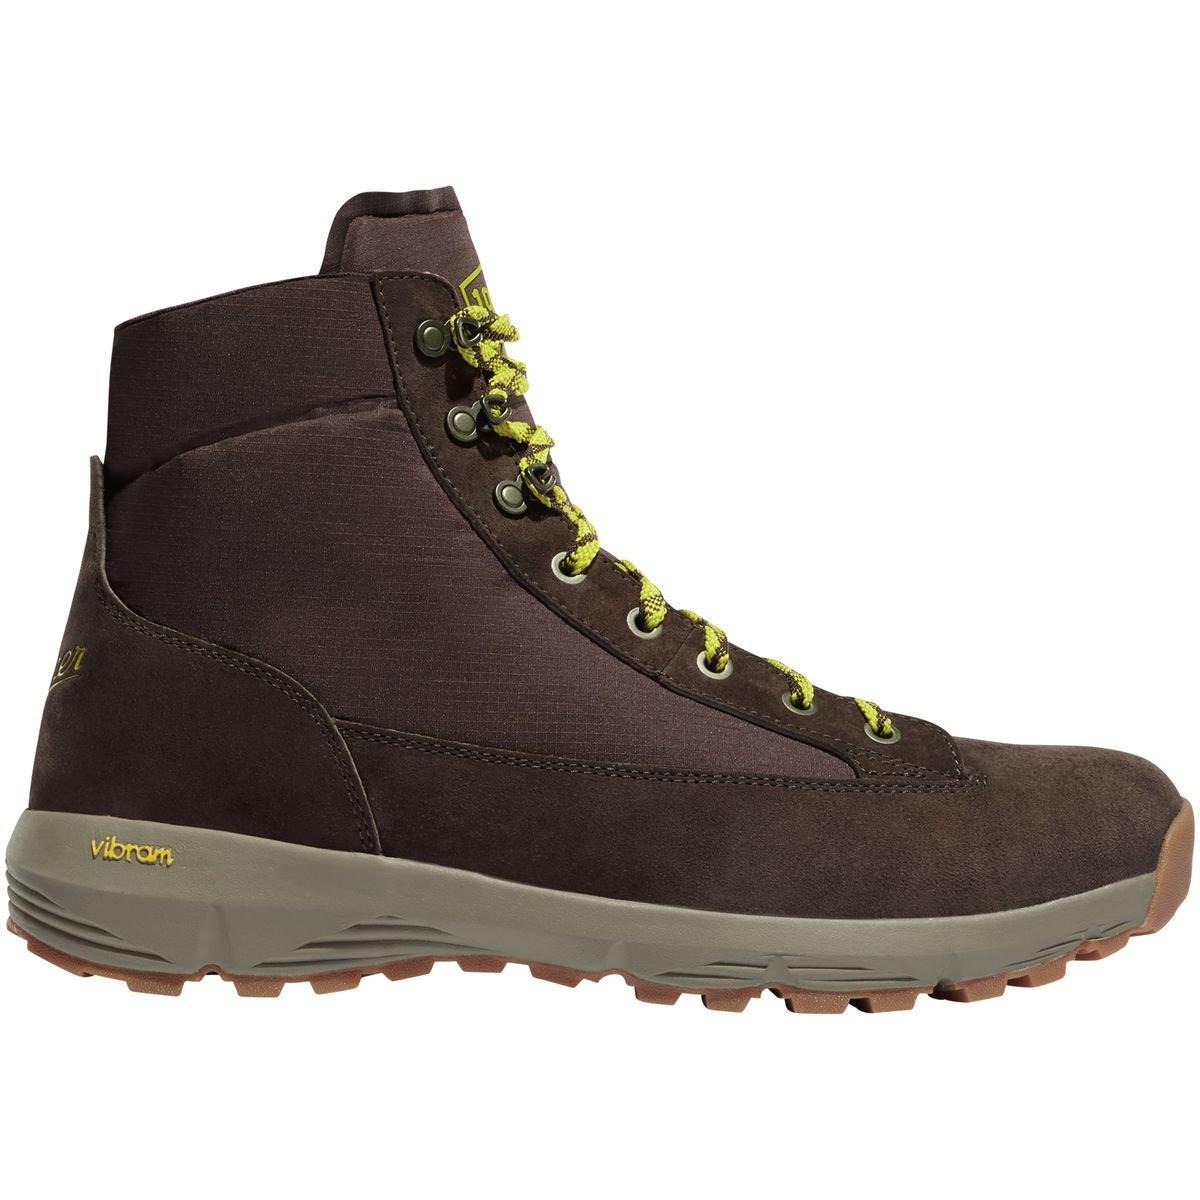 ダナー バッグ バックパックリュックサック Explorer 650 Hiking Boot - Men's Dark Brown 17p [並行輸入品] B076C8V7CC